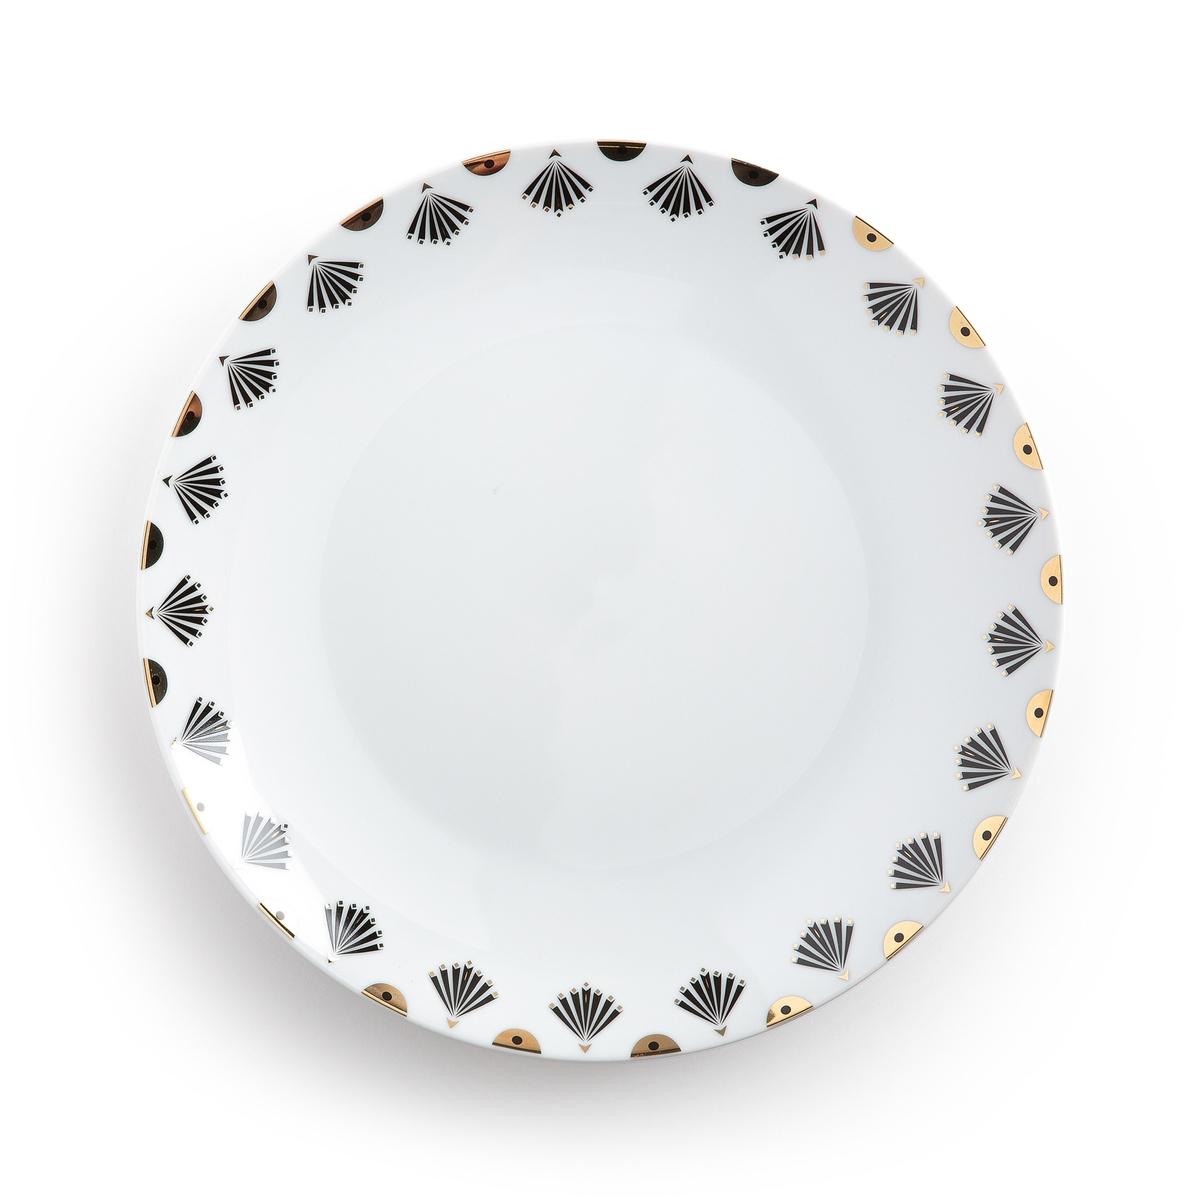 4er-Set flache Teller MELLAH | Küche und Esszimmer > Besteck und Geschirr > Geschirr | Weiss | Porzellan | La Redoute Interieurs